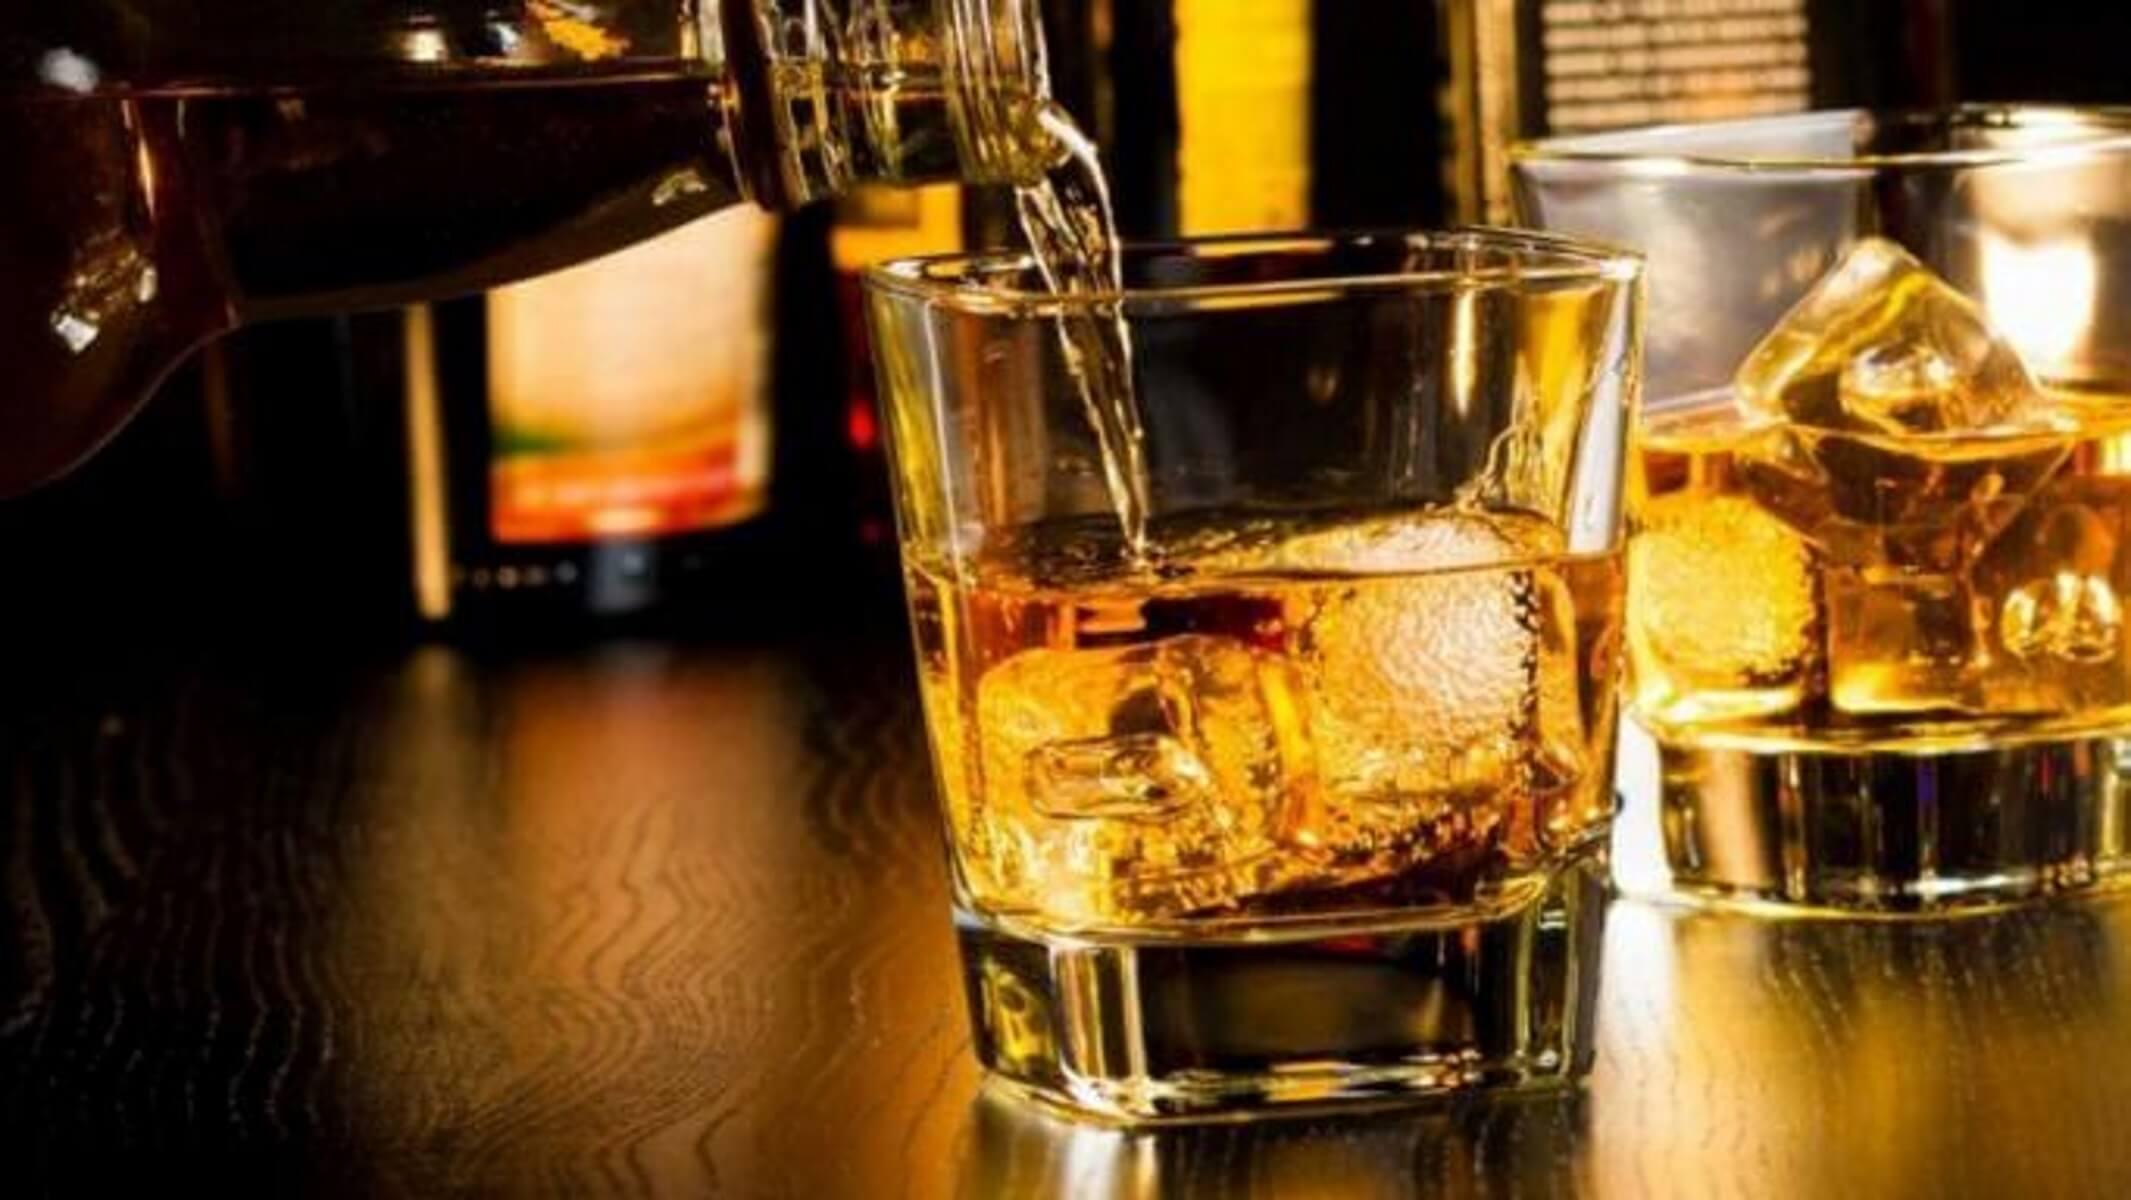 Παράταση δυο μηνών στην καταβολή ΦΠΑ για αλκοολούχα ποτά